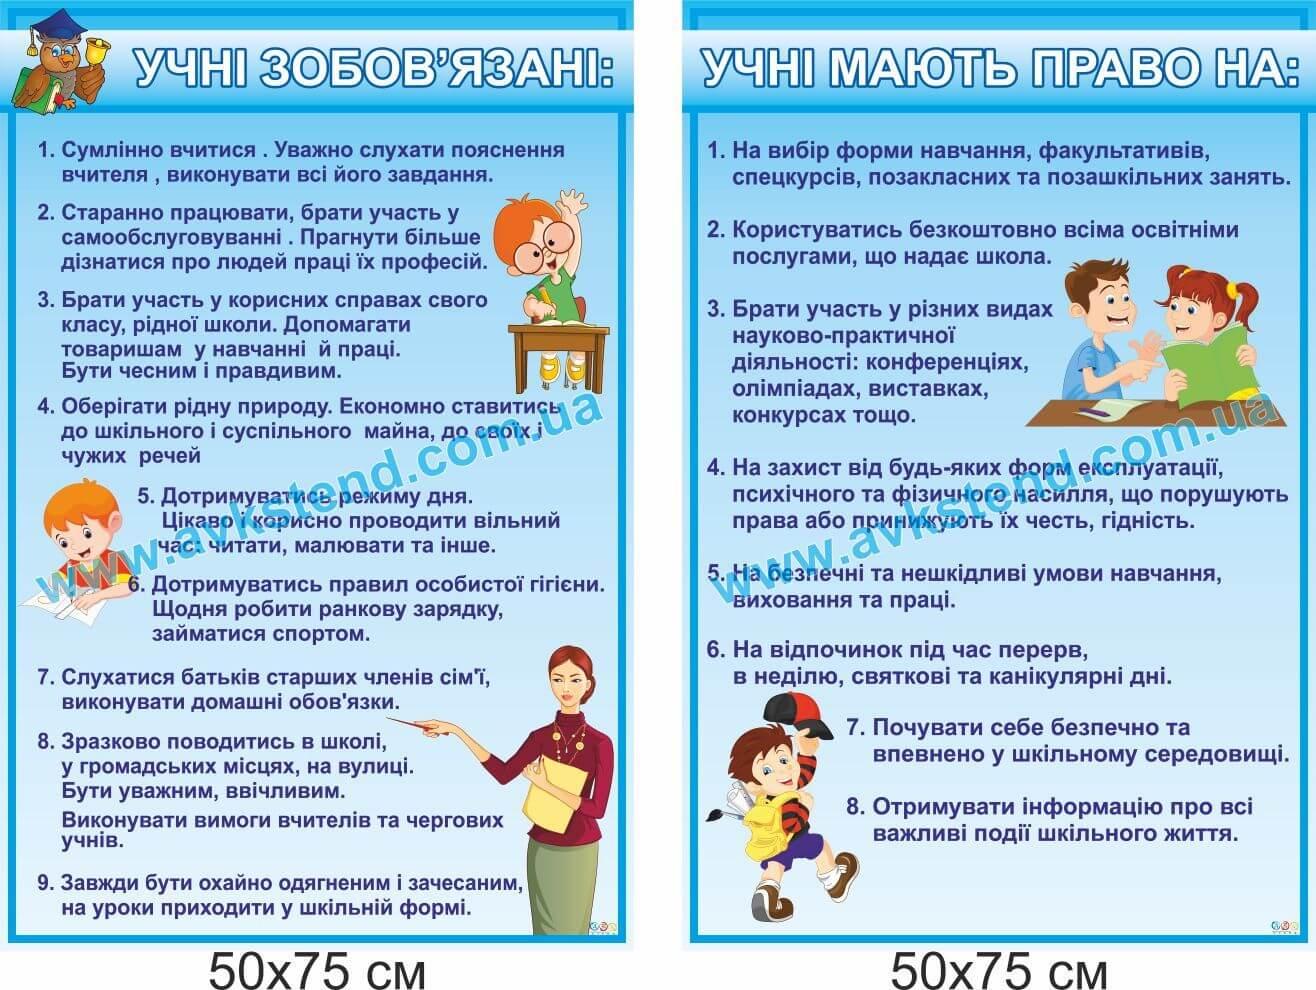 стенди румунською мовою, стенди для початкових класів румунською мовою, стенды на румынском языке, стенды для начальных клас сов на румынском языке, стенди для початкової школи замовити, стенди для школы, стенди для молодшої школи купити, стенды для начальной школы заказать, стенды для школы, стенды для младшей школы купить, Україна, Украина,